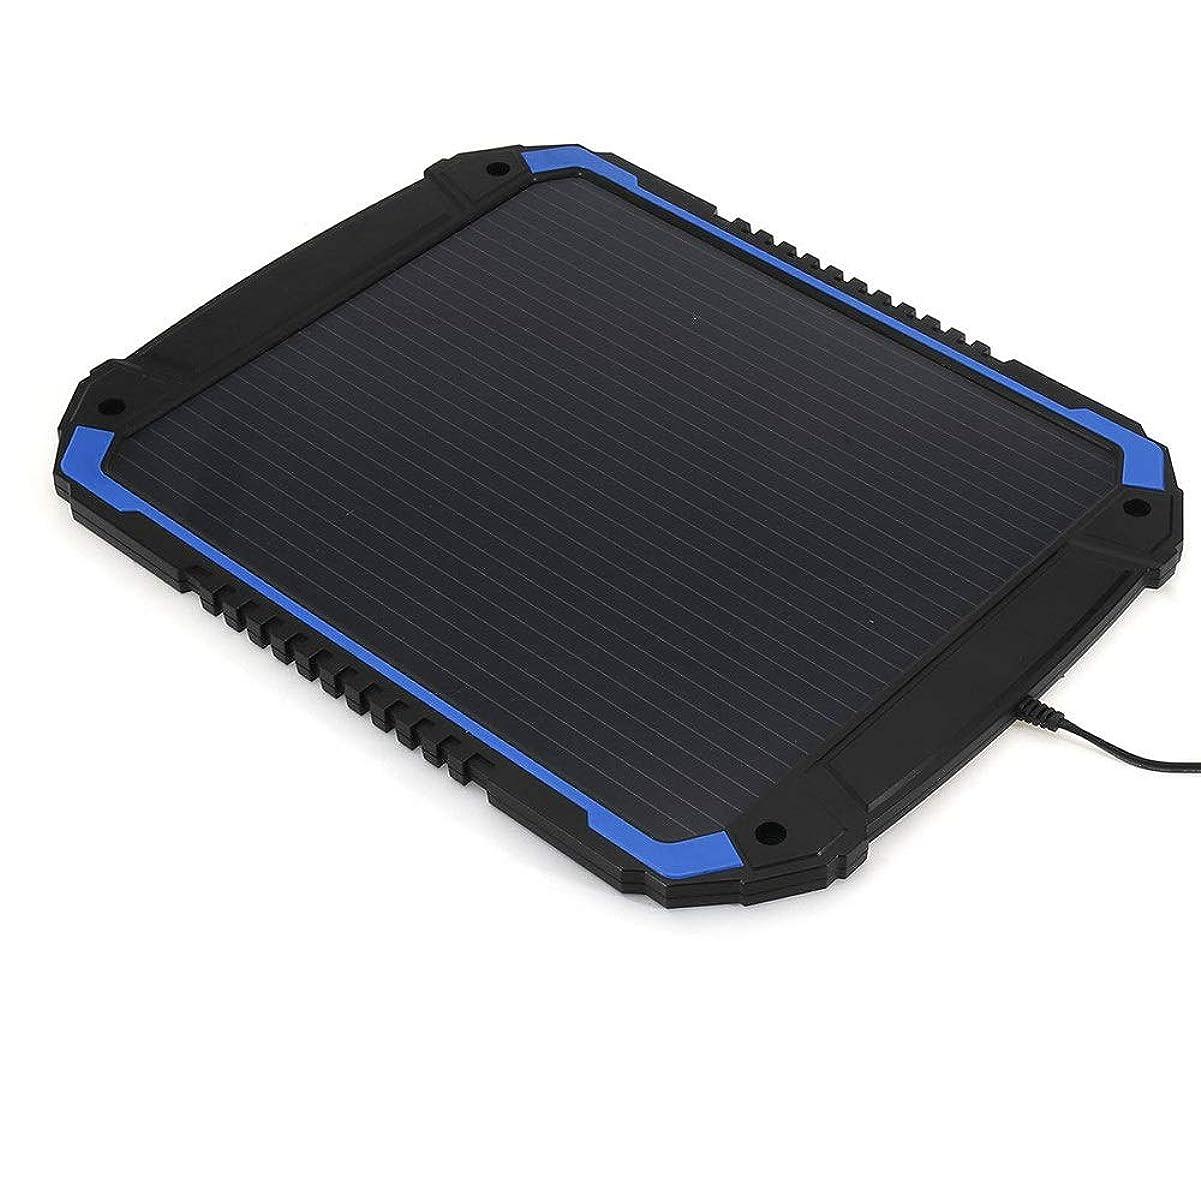 ミケランジェロ政策春ソーラーパネル 4.8W 18V自動車オートバイボートマリンRV用ポータブルソーラーパネルの発電充電器のバックアップその他、各種44x34cm (Color : Black, Size : 44x34cm)